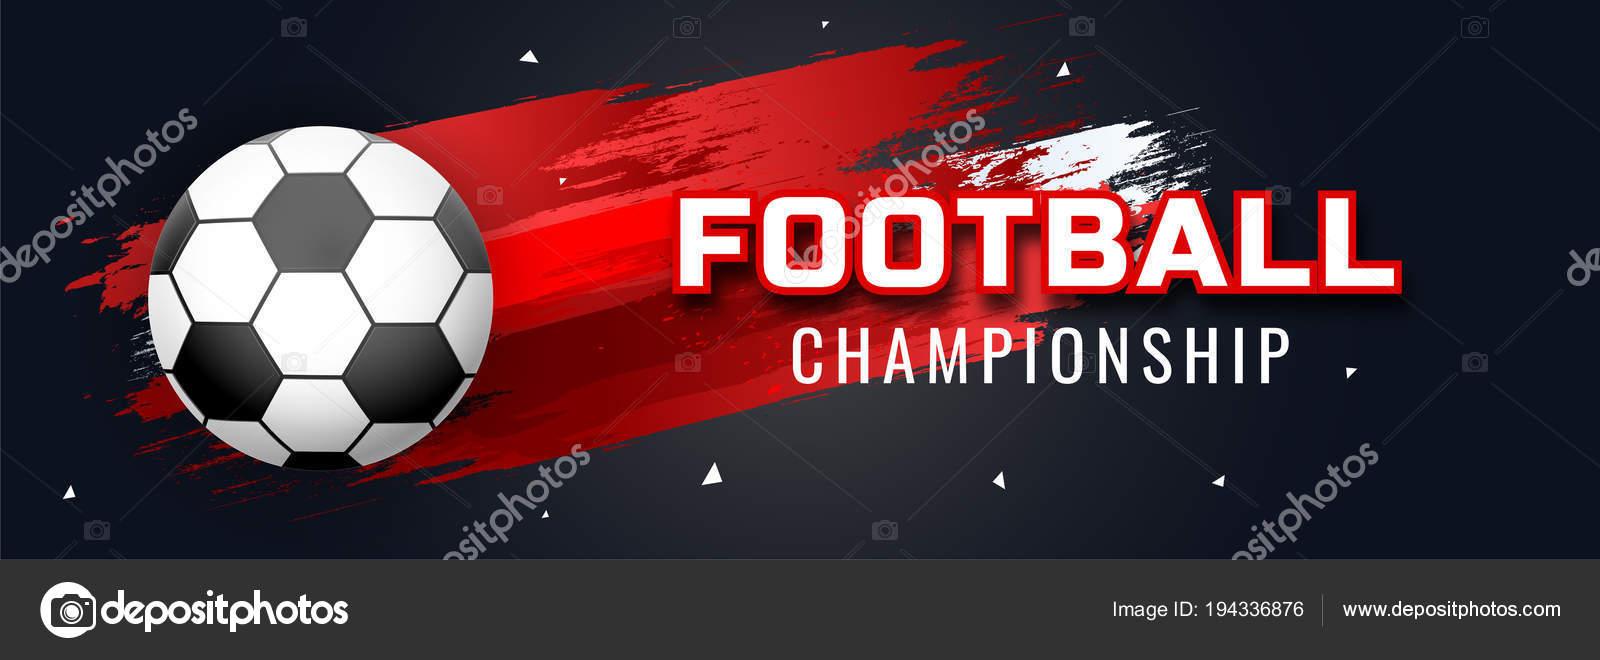 f6d3ca005f Design Site Cabeçalho Banner Com Texto Futebol Campeonato Futebol Fundo —  Vetores de Stock